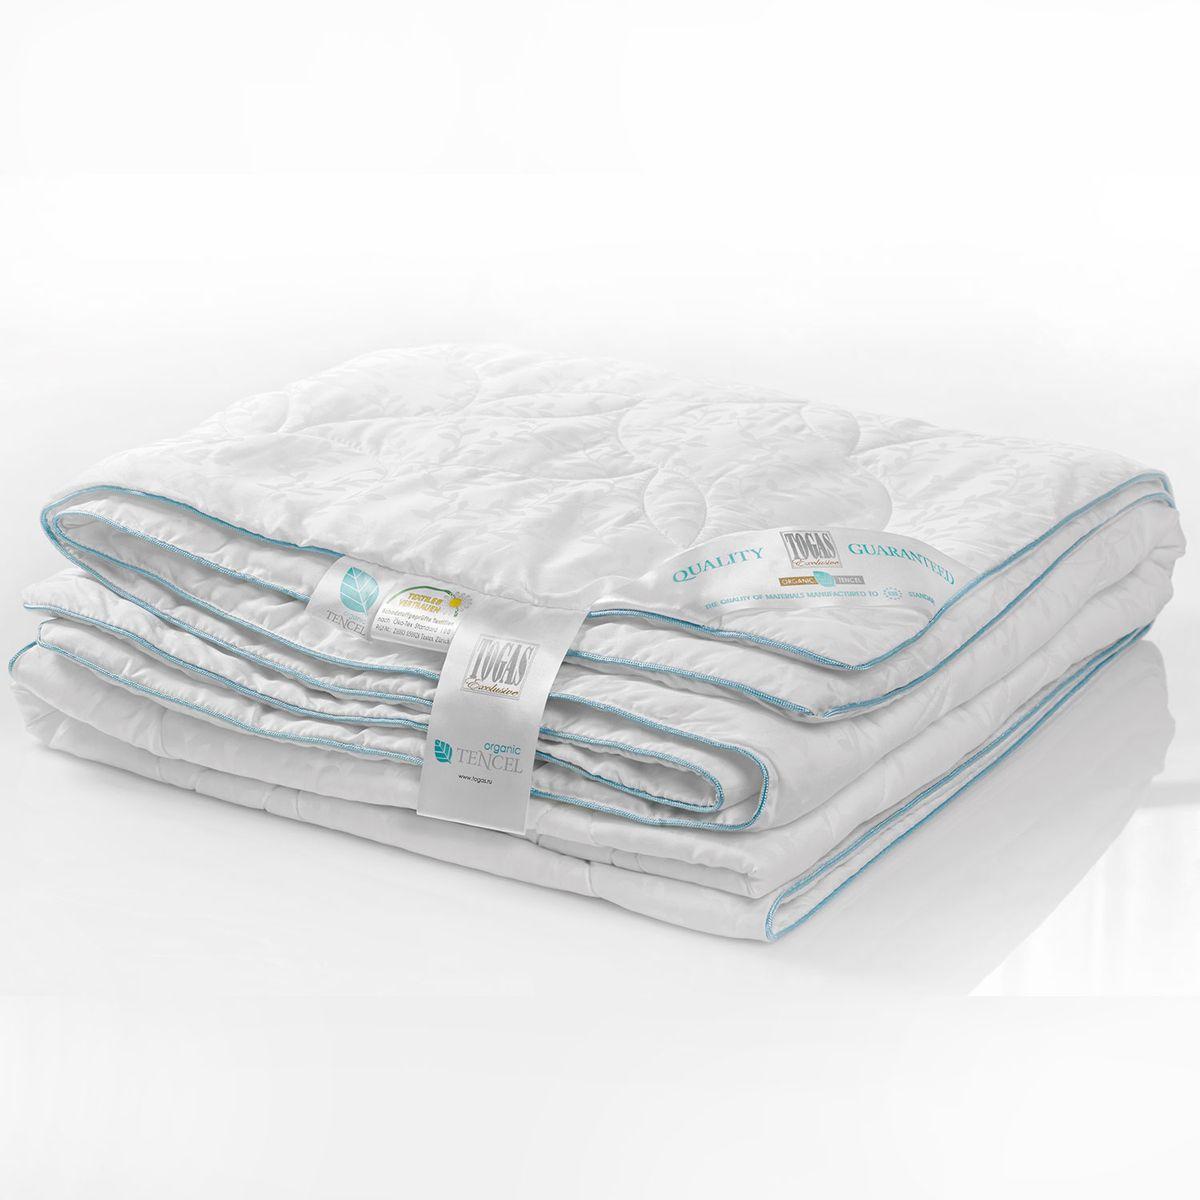 Одеяло Органик тенсель эвкалиптовое волокно в ткани тенсель, 140 х 200 см. 20.04.12.005820.04.12.0058Состав: чехол - 100% жаккард тенсель; наполнитель - 100% тенсель. Детали: одеяло каростепное, классический крой, двойная отстрочка, окантовка голубым шнуром, чехол с растительным жаккардовым рисунком, наполнитель - тенсель. Цвет: белый. Уход: рекомендована сухая чистка. Возможна машинная стирка в домашних условиях в теплой воде (температура не выше 30°С) в деликатном режиме, если есть соответствующее указание в инструкции по уходу. Для длительного хранения и перевозки используйте тканевые сумки-чехлы, в которые одеяло было упаковано при покупке. Регулярно проветривайте одеяла и подушки, желательно на свежем воздухе, но не под прямыми солнечными лучами.